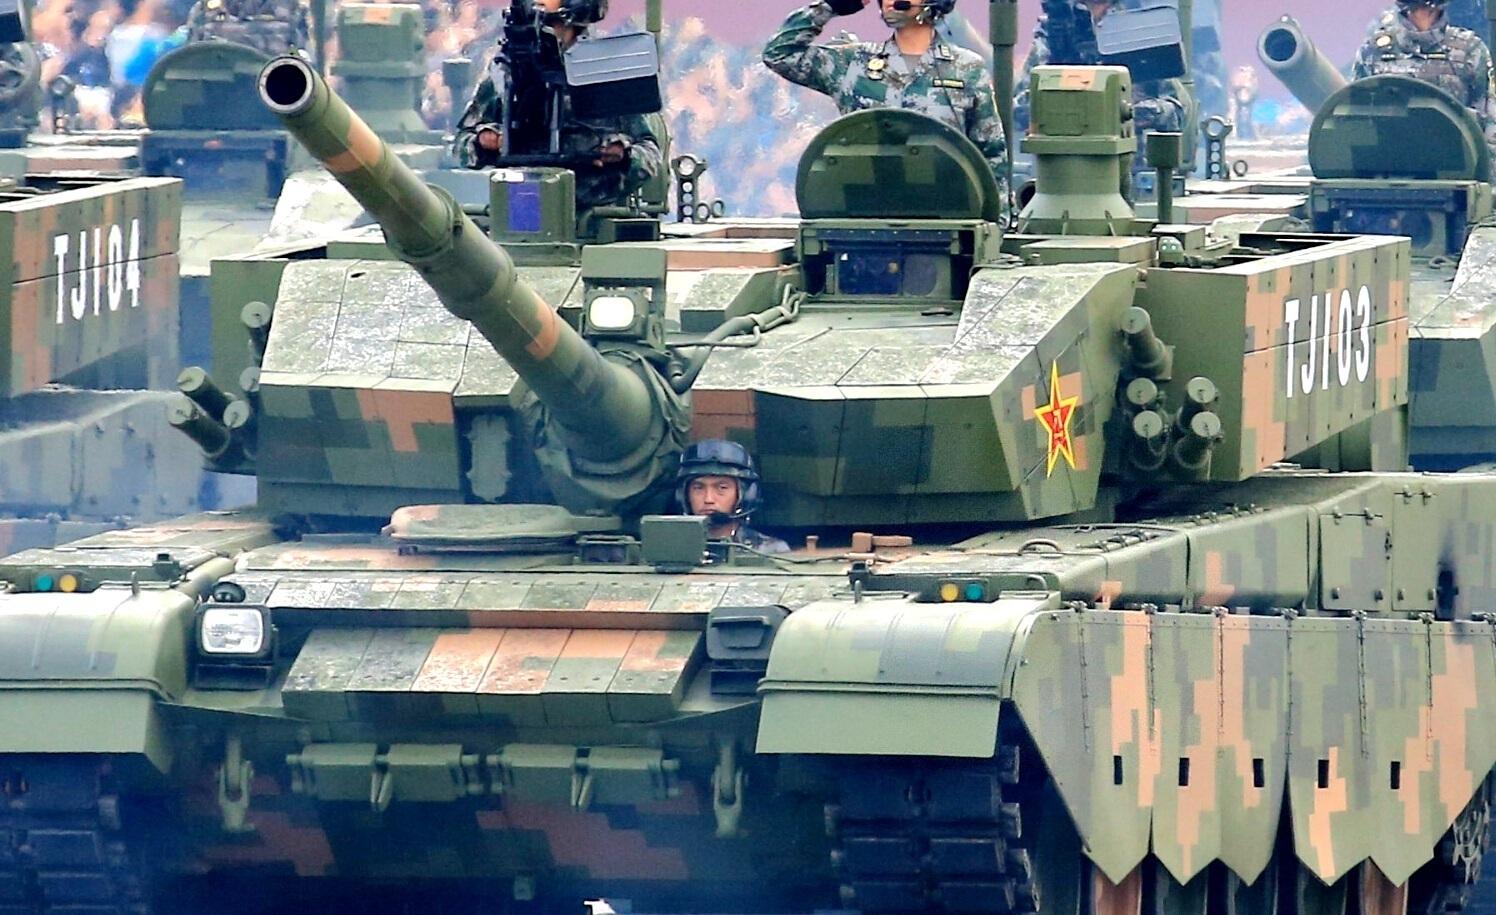 亚汇中国:货币战爆发风险上升 美元承压